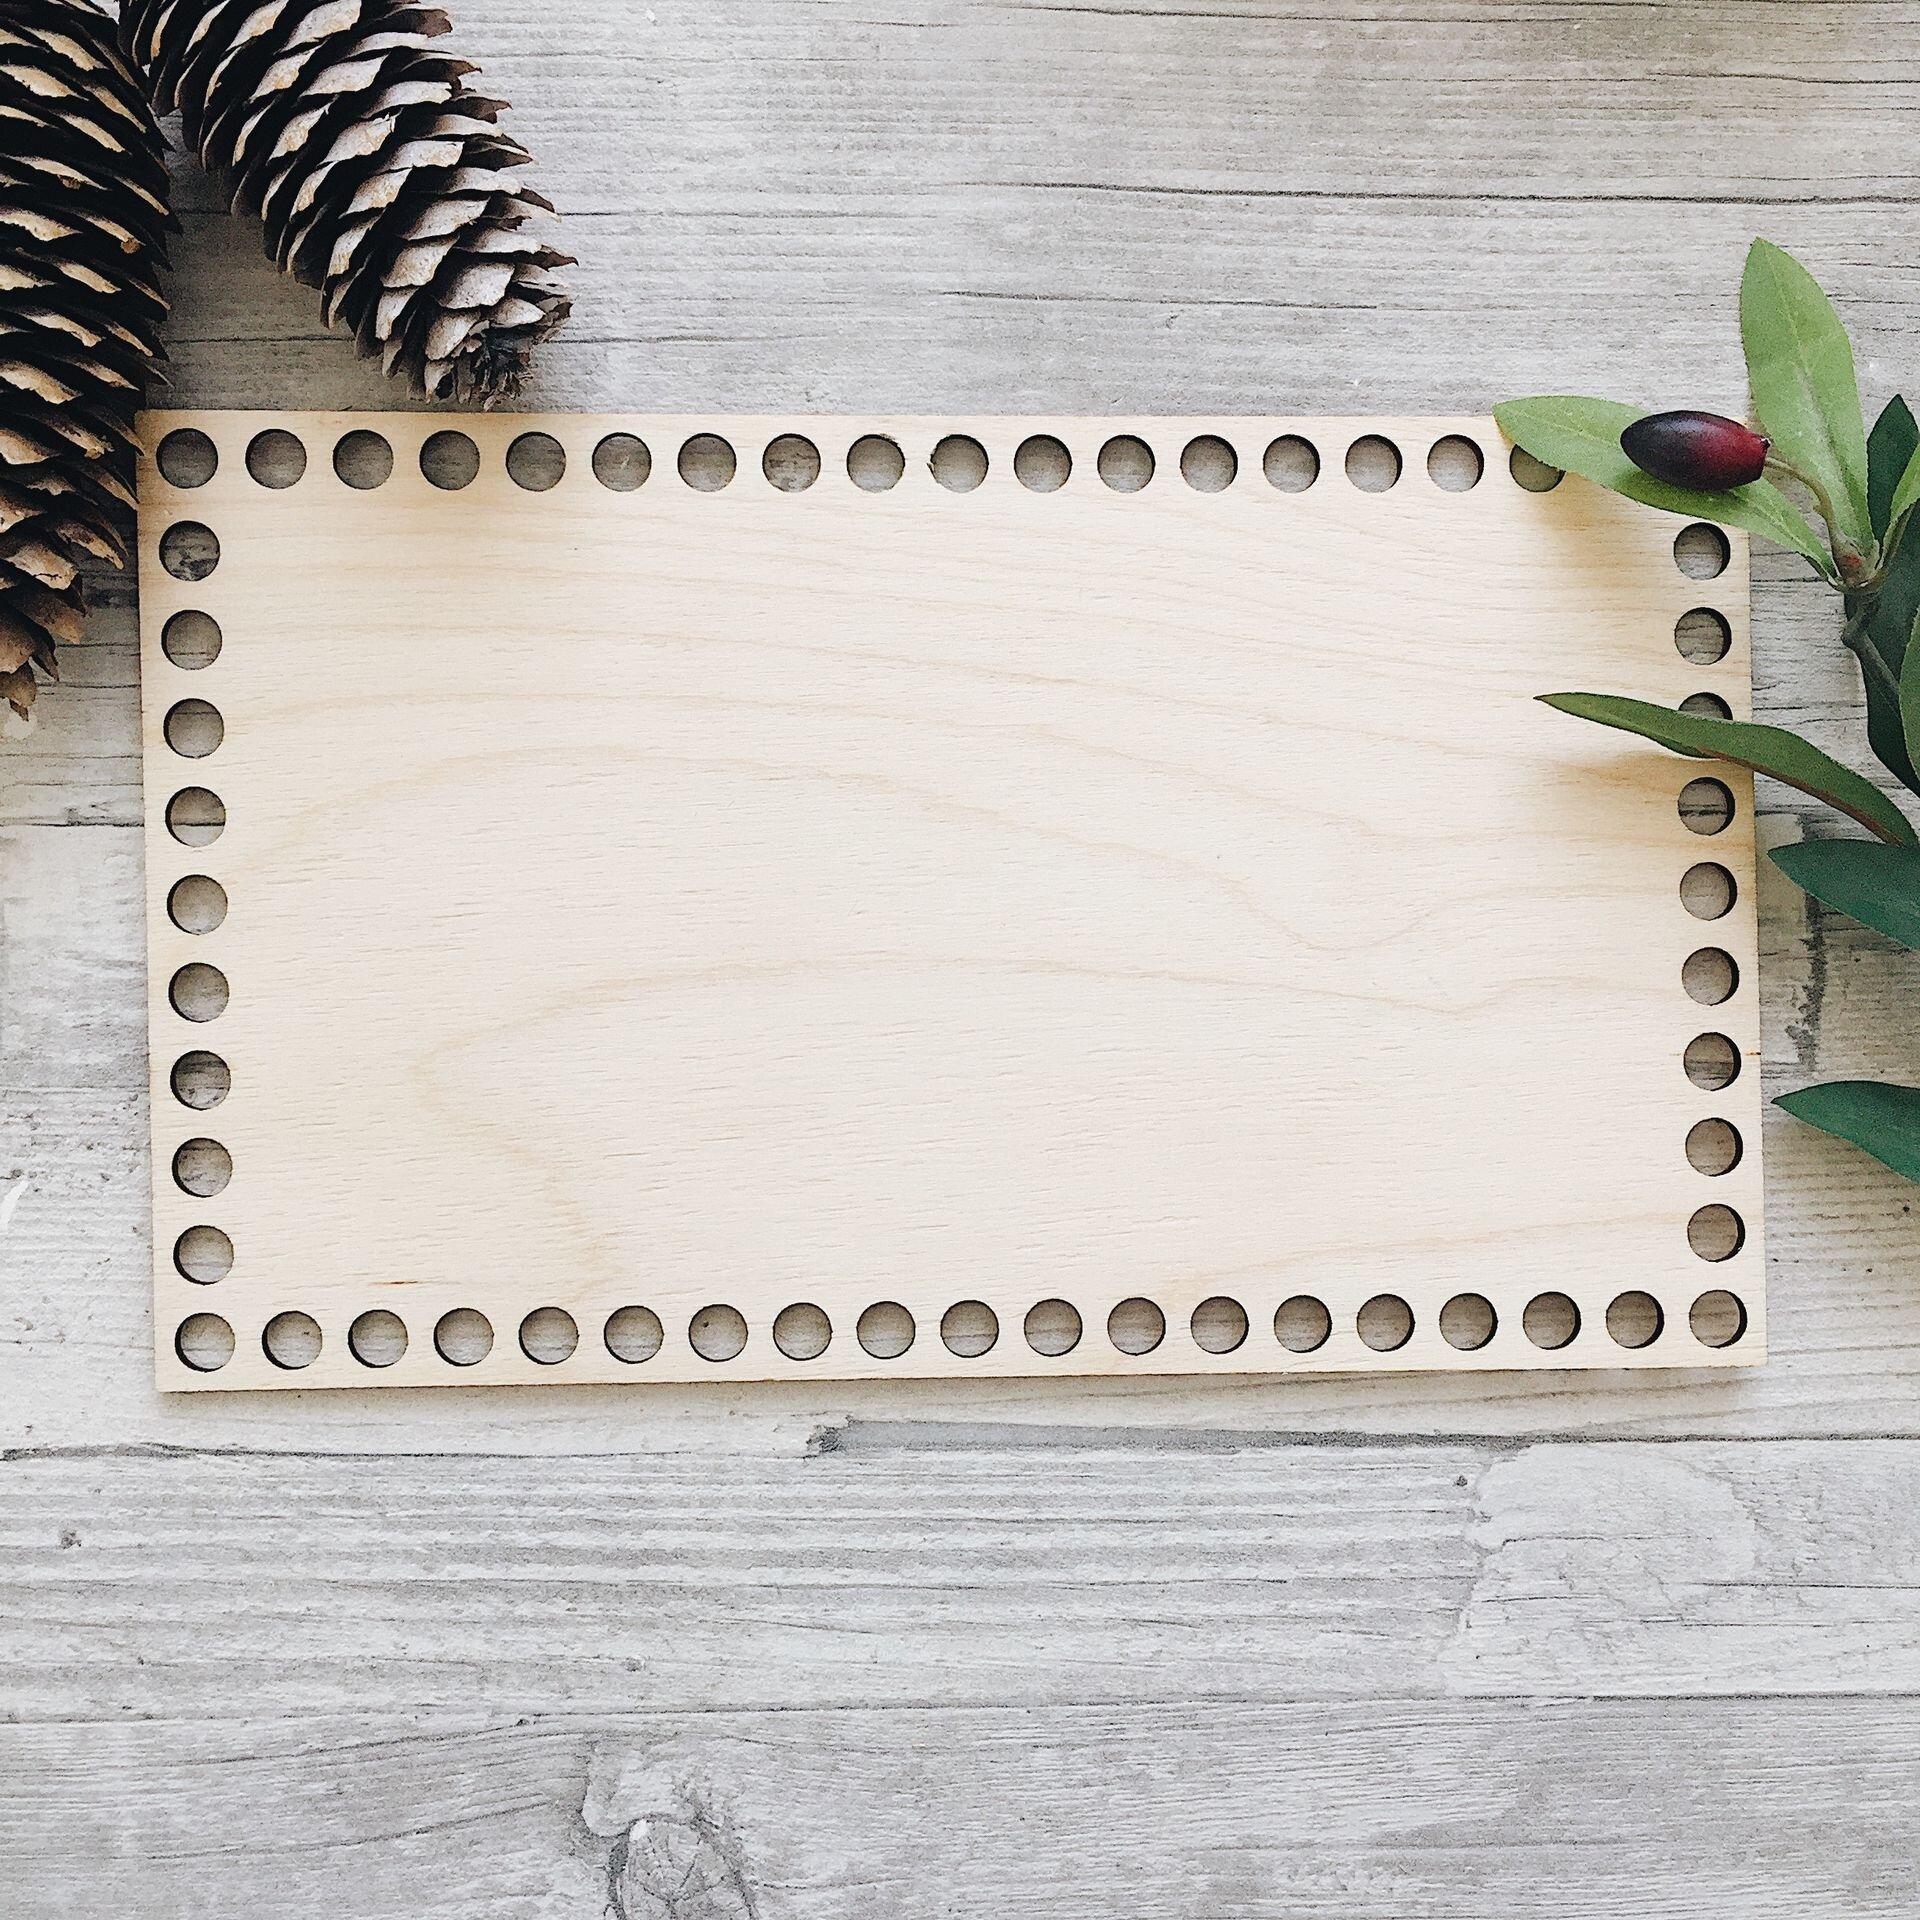 Деревянное донышко для корзины, прямоугольник с острыми углами 25х15см - фото pic_708c70eb12fe045_1920x9000_1.jpg